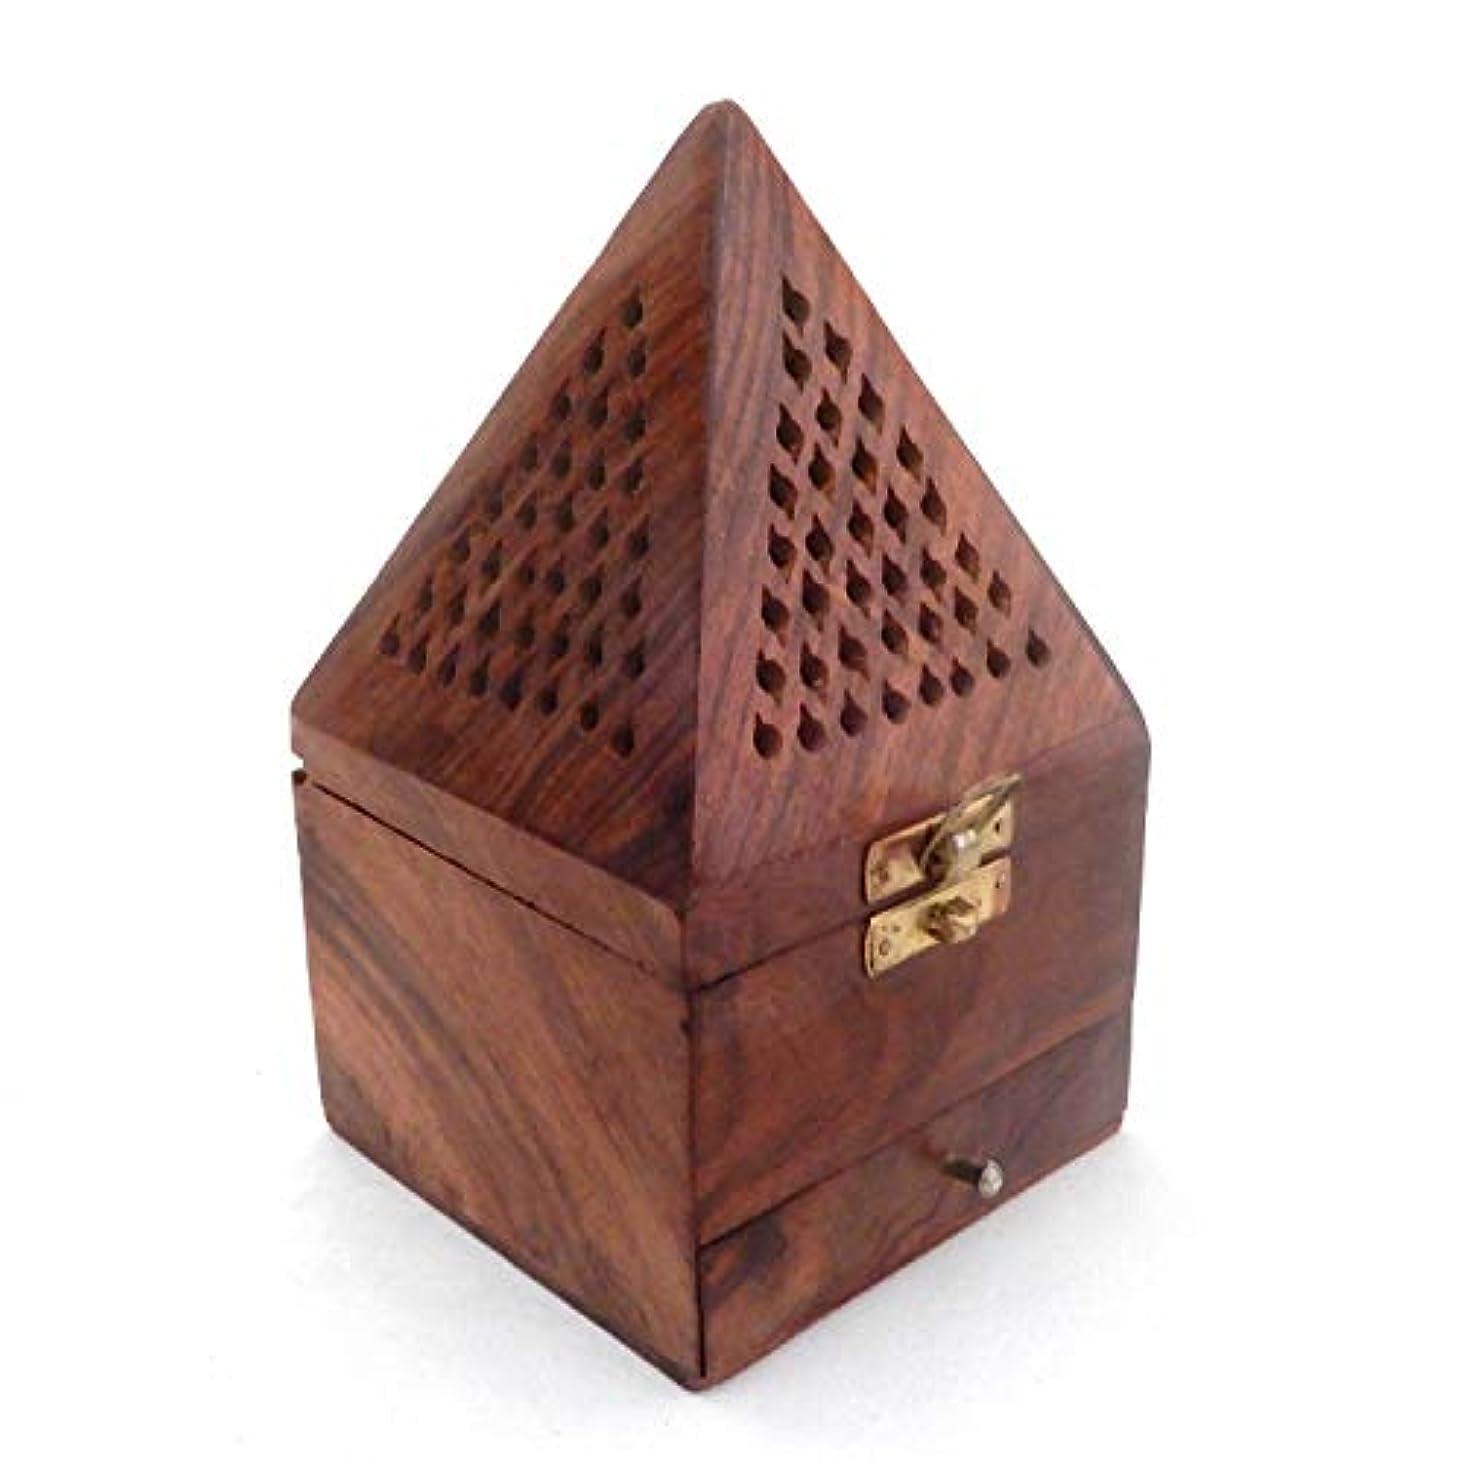 後悔相談する夜明けにクリスマスプレゼント、木製ピラミッド形状Burner、Dhoopホルダーwith Base正方形とトップ円錐形状Dhoopホルダー